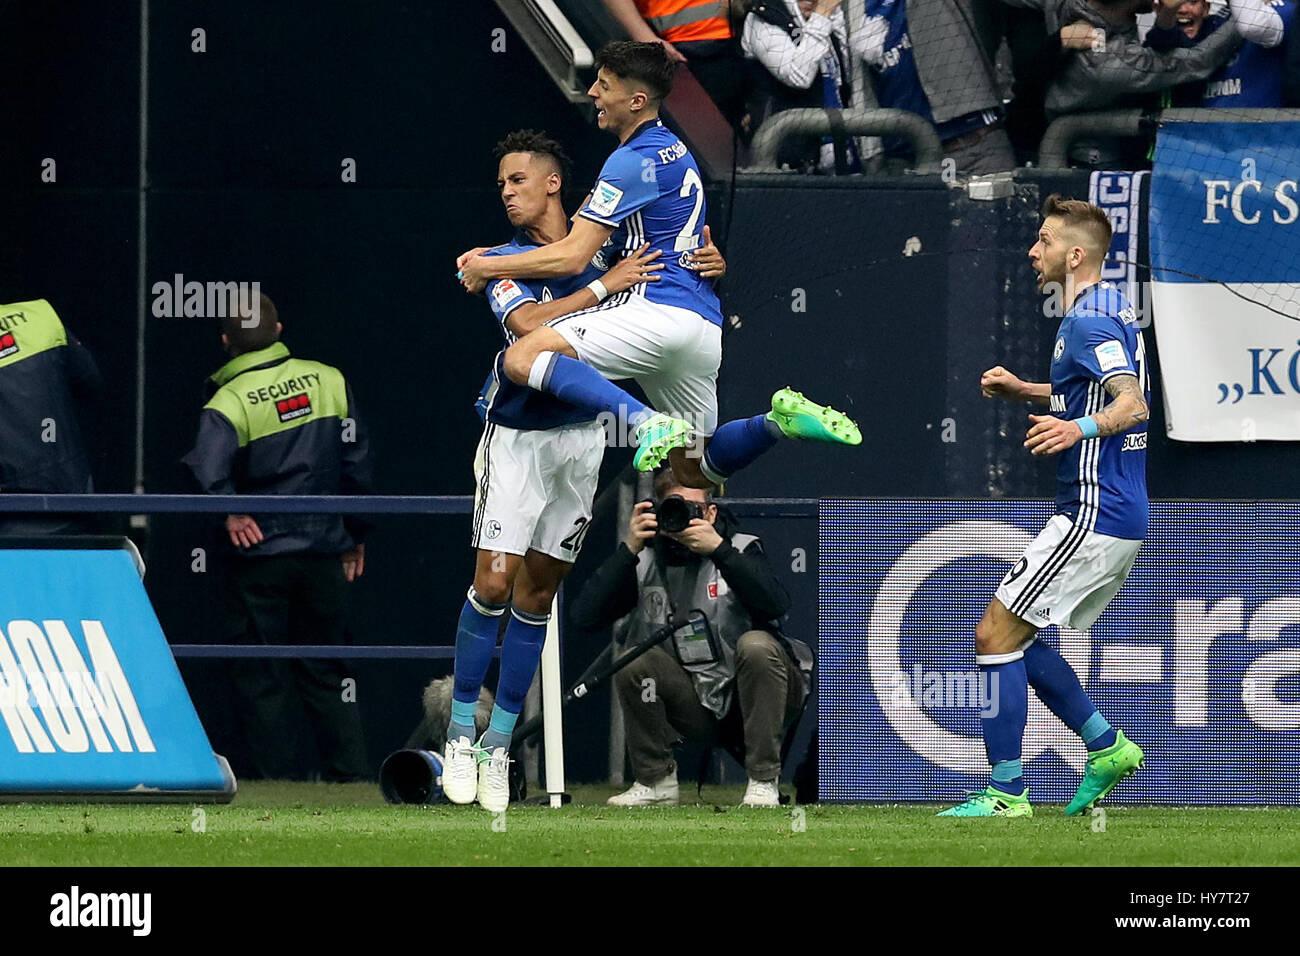 Gelsenkirchen. 1. April 2017. Thilo Kehrer (L) des FC Schalke 04 feiert mit seinen Teamkollegen nach seinem Tor Stockfoto